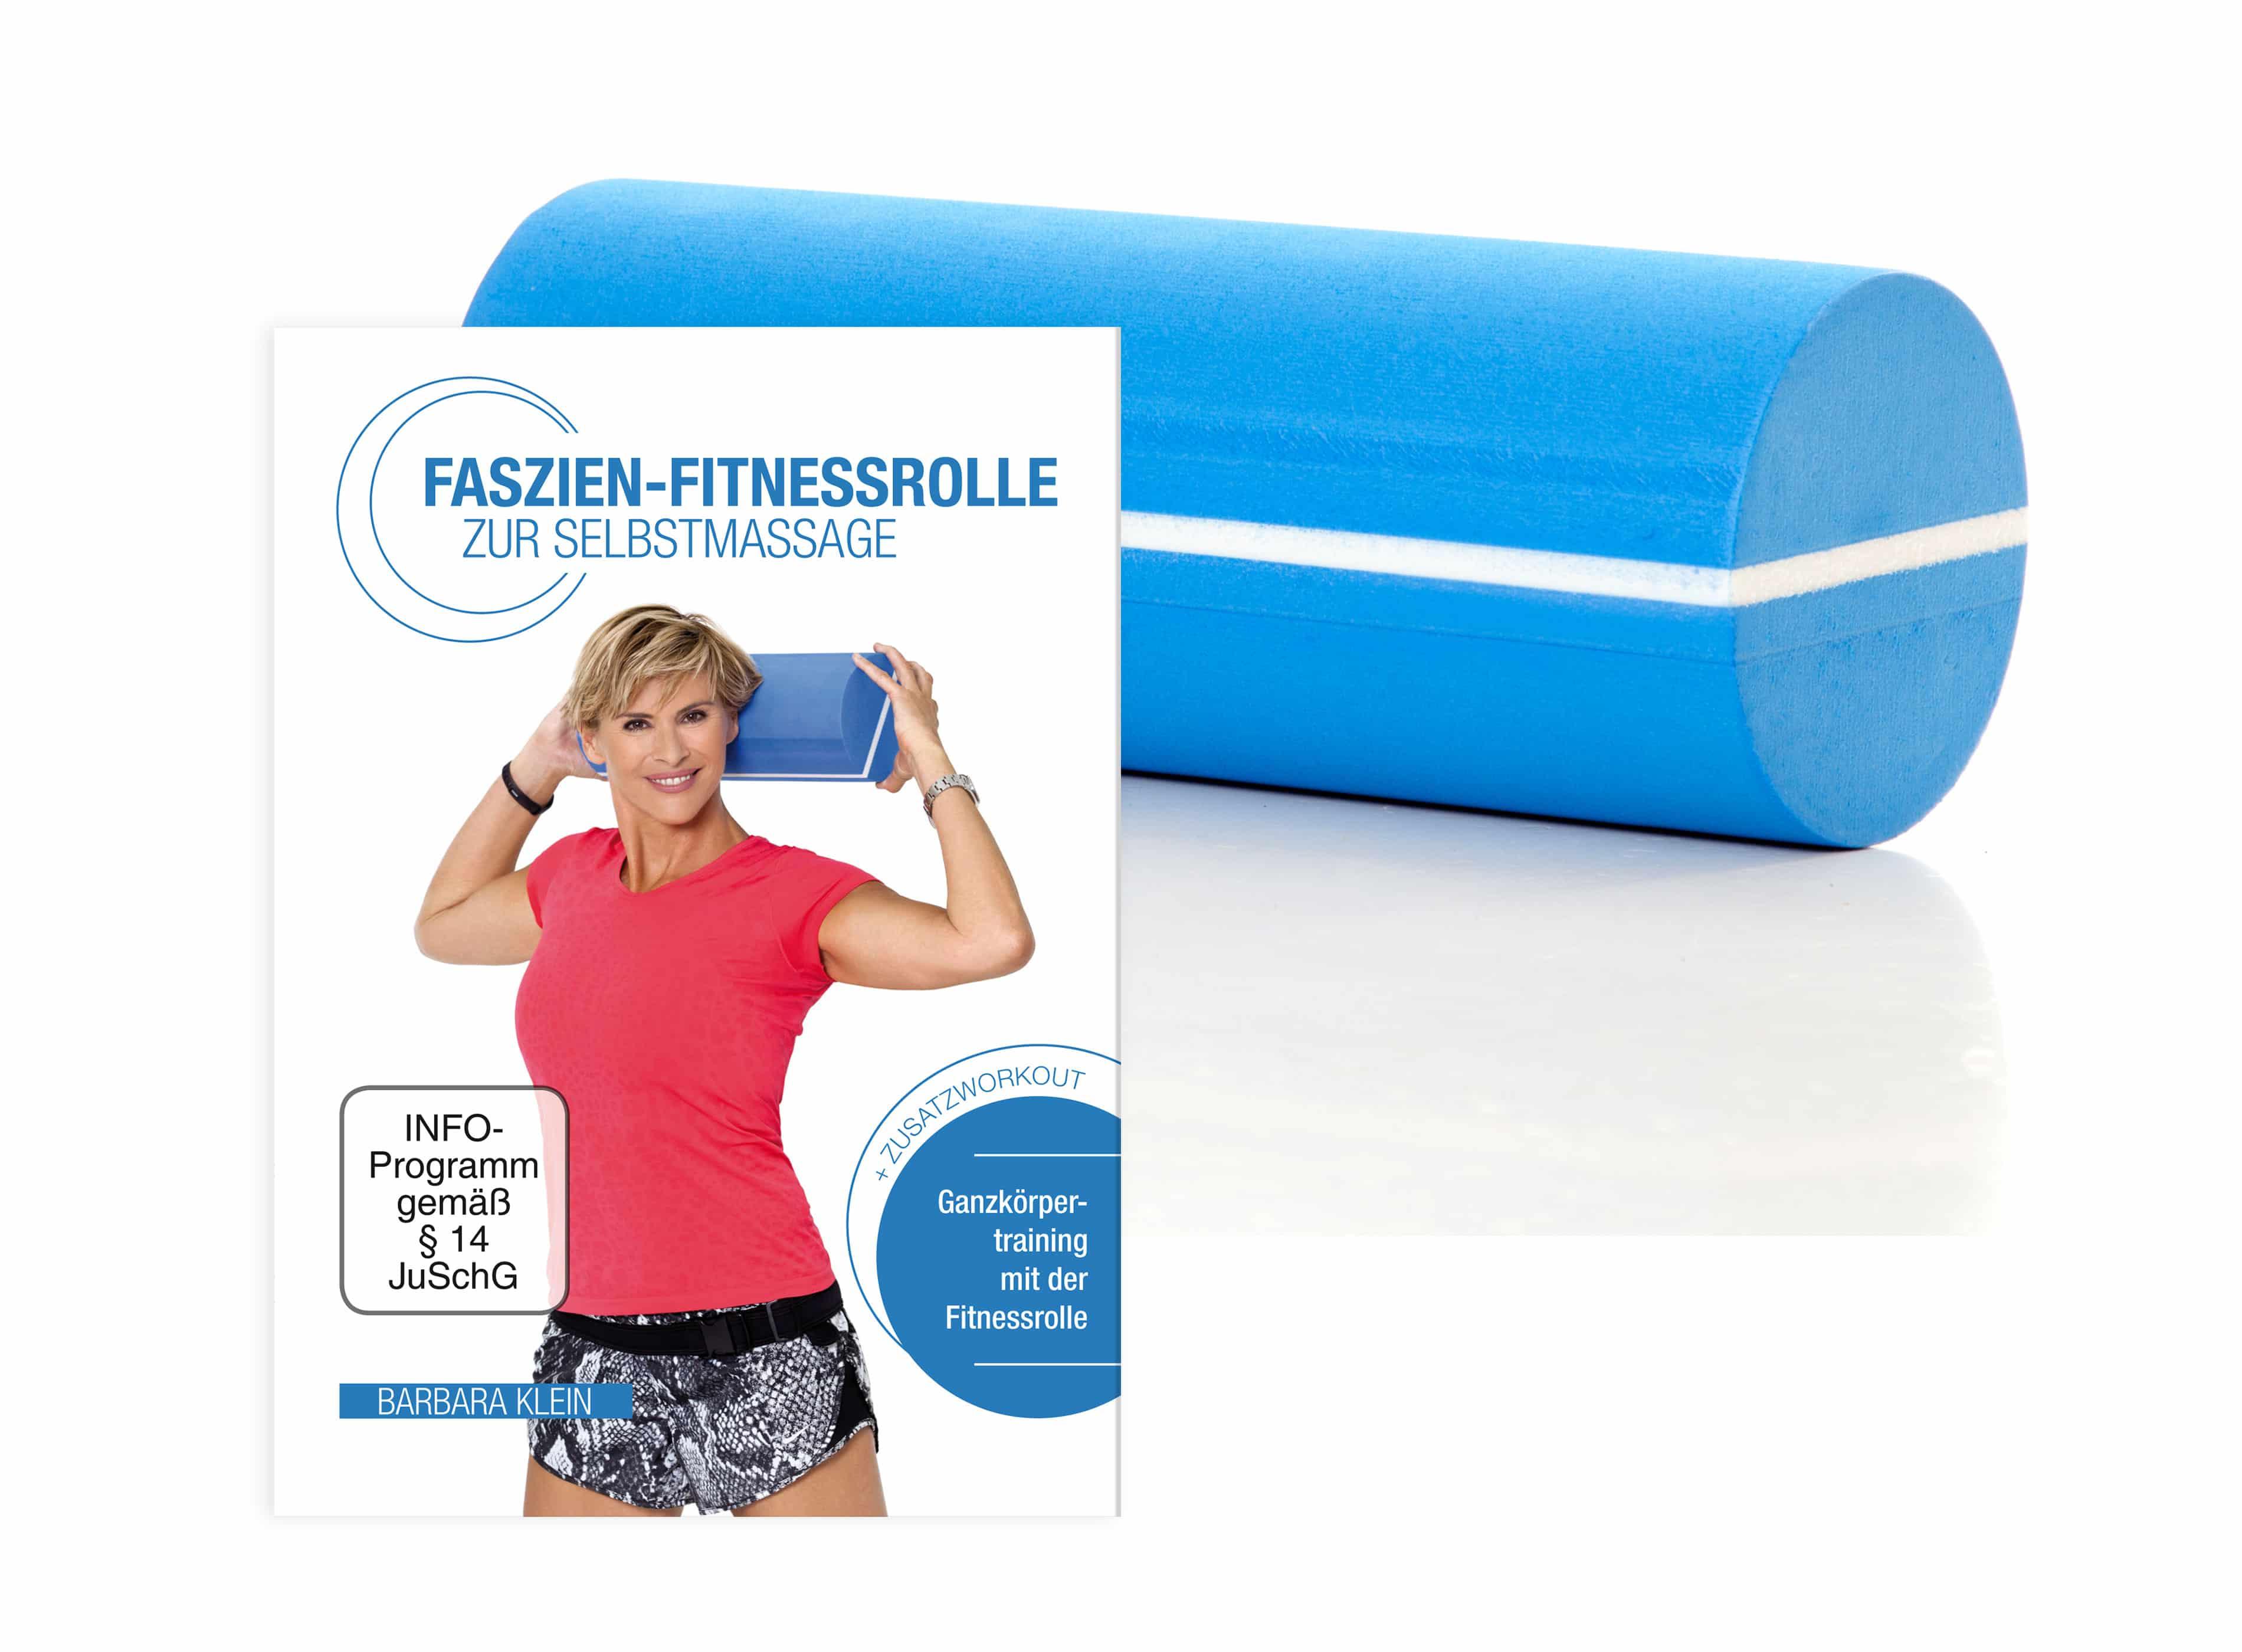 Faszien-Fitnessrolle